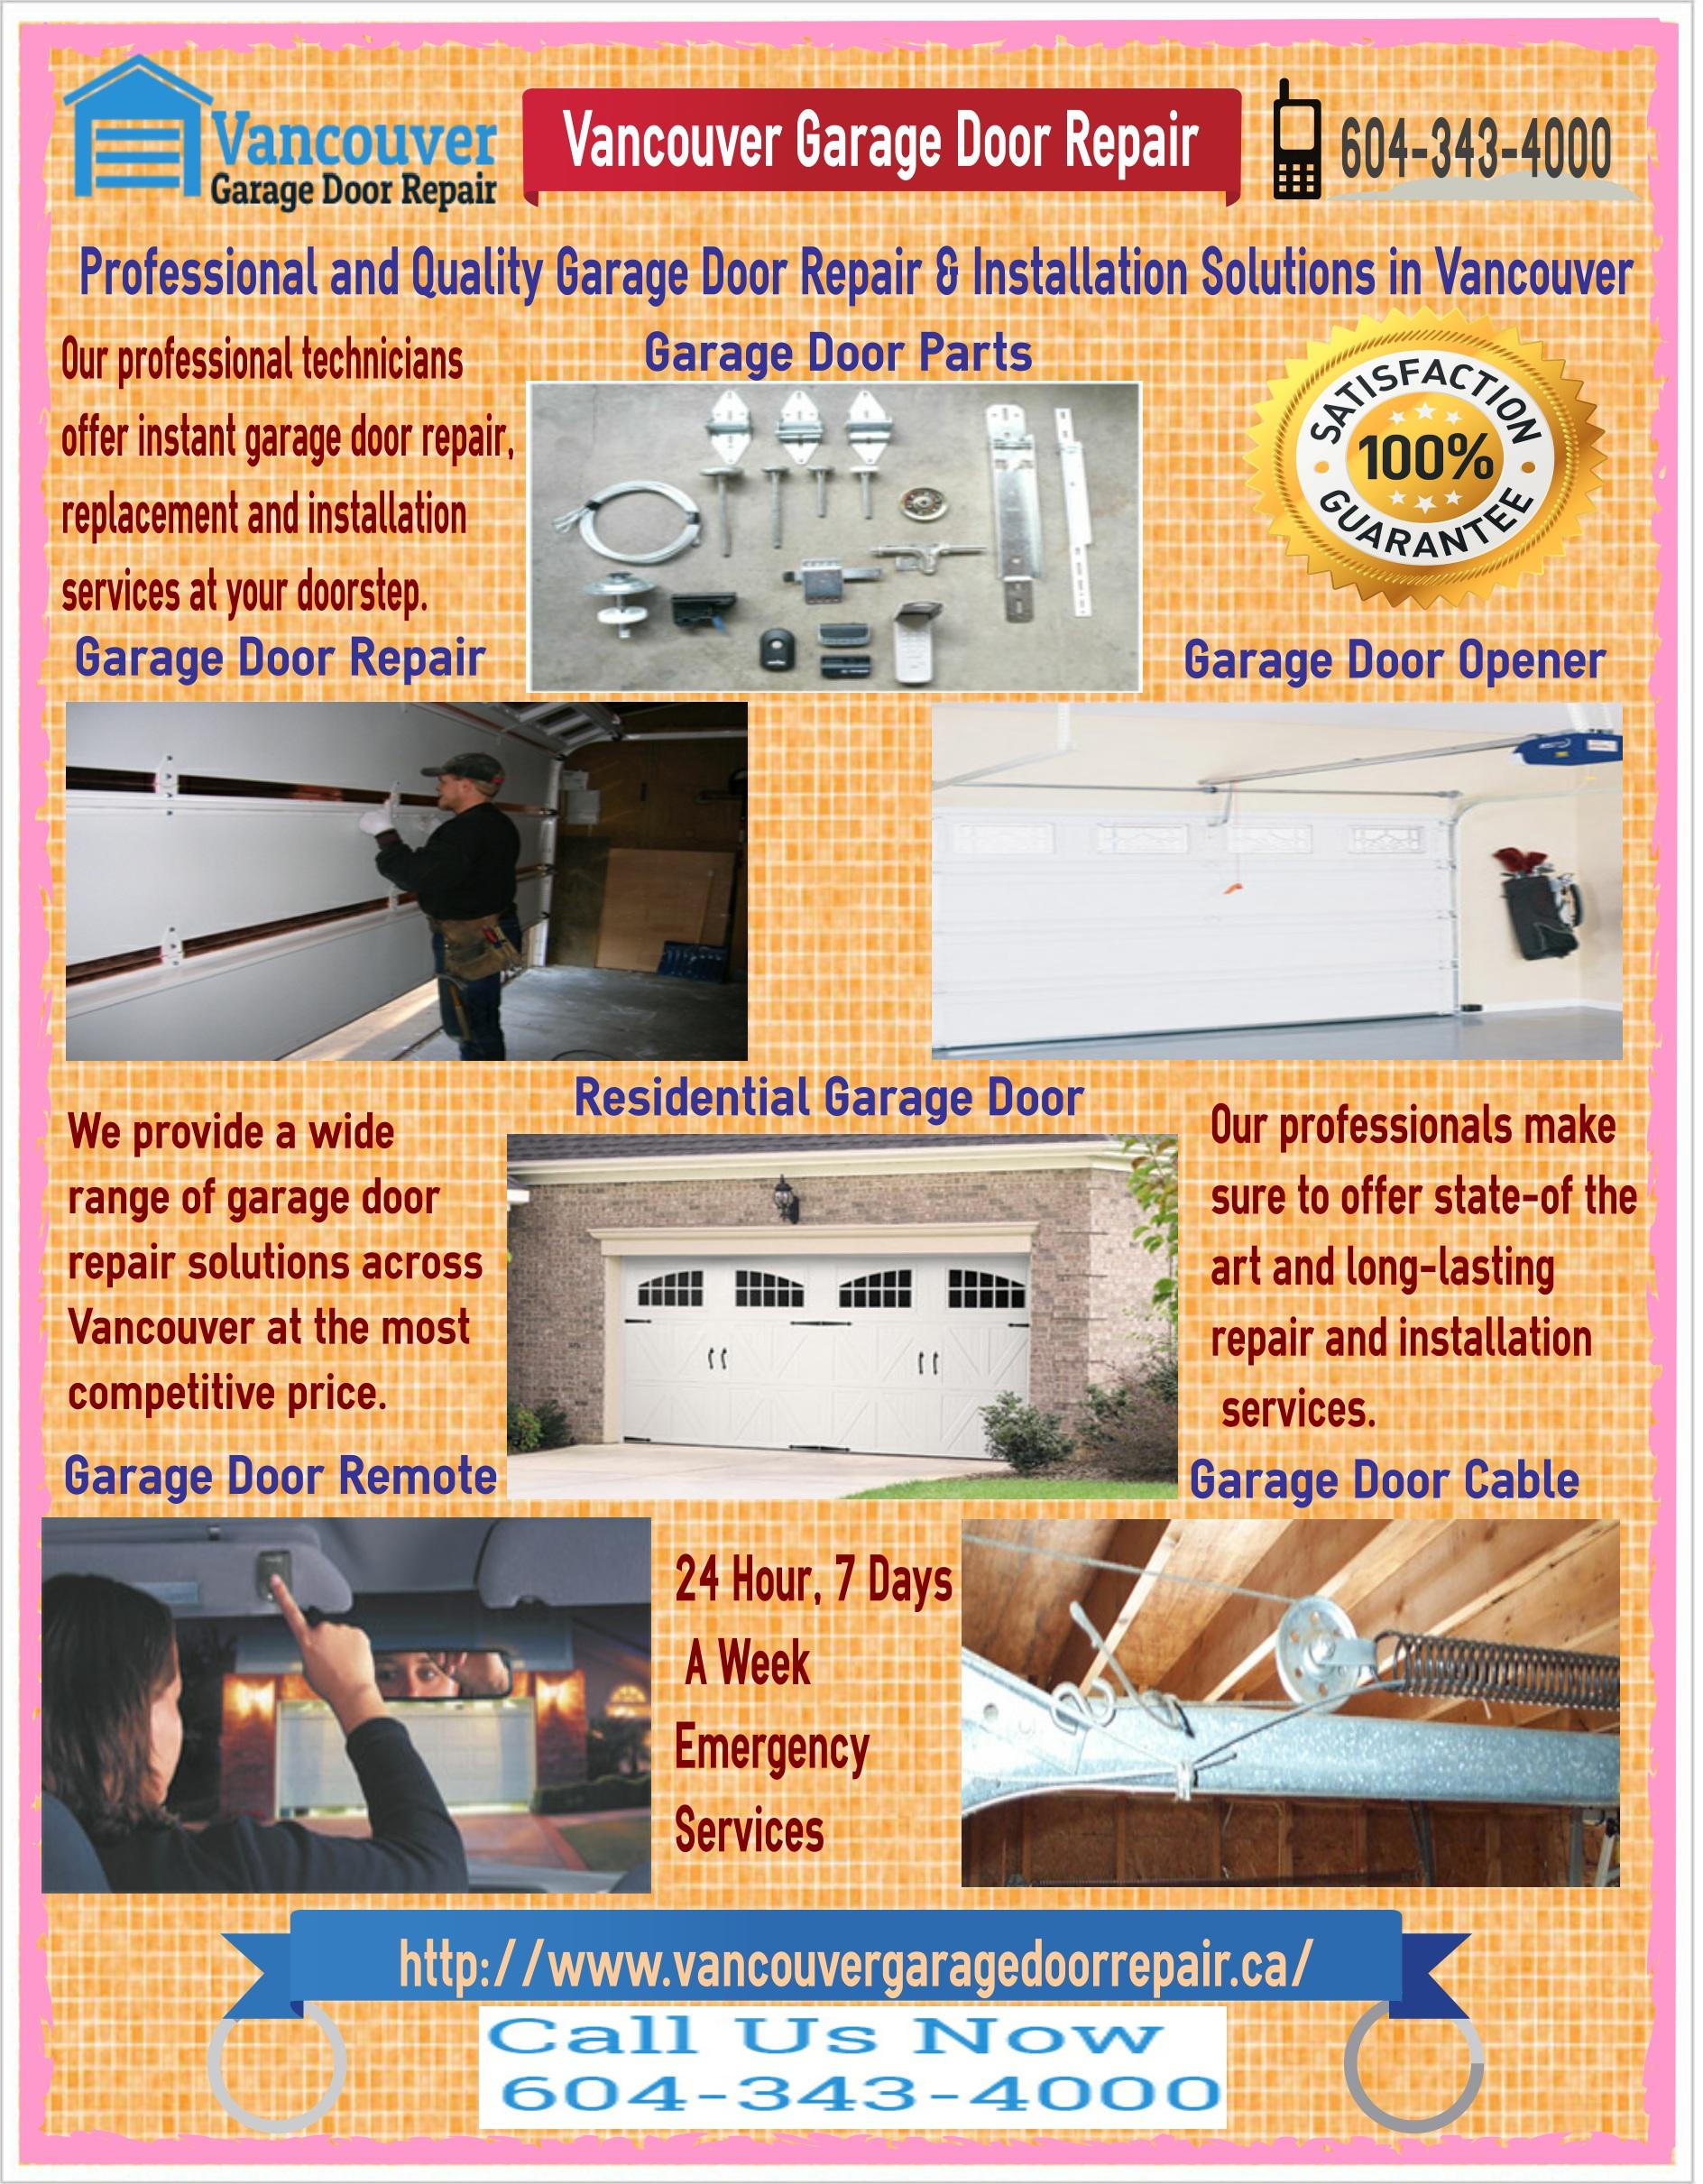 Garage door repair free images at clker vector